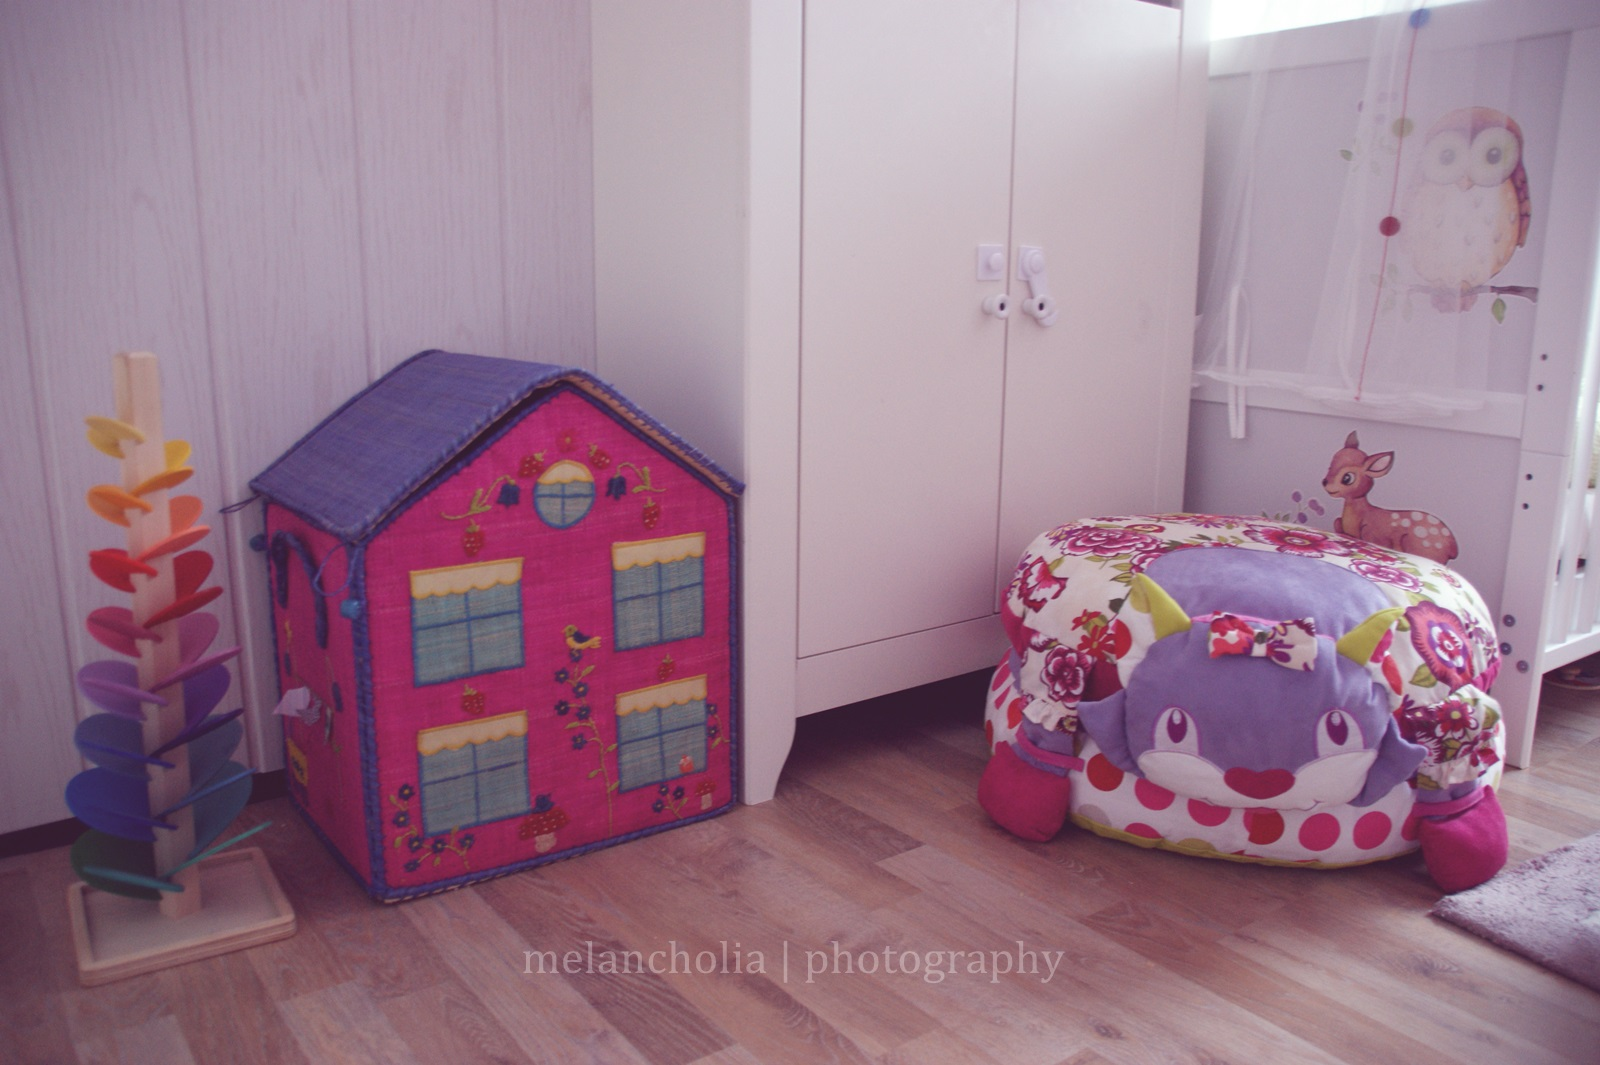 berechnung wohnflache berechnung wohnflache berechnen es geht noch einfacher berechnung. Black Bedroom Furniture Sets. Home Design Ideas